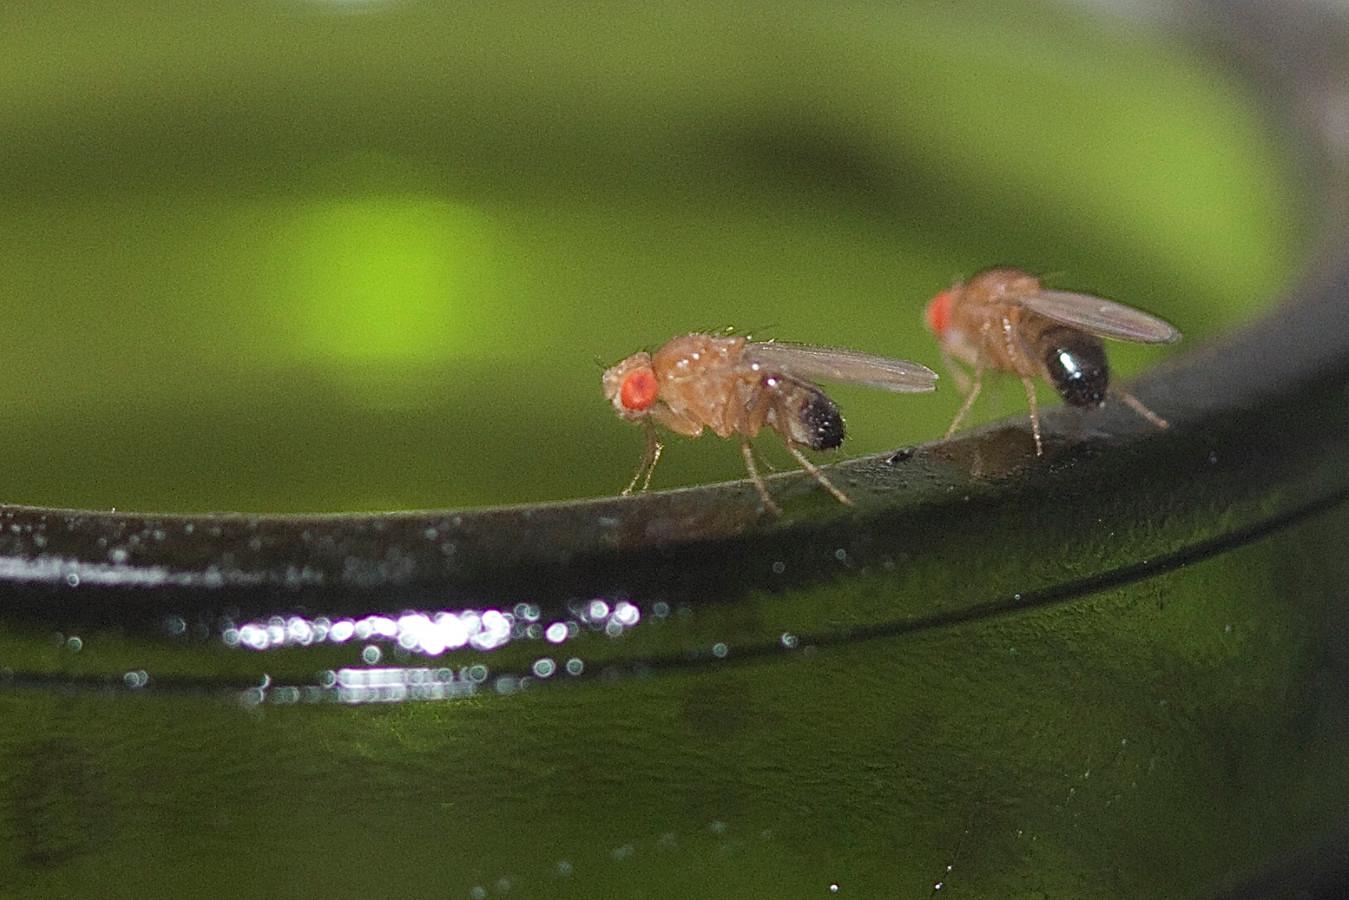 Fruitvliegjes houden van gistend fruit. Hier zitten ze op een lege wijnfles.